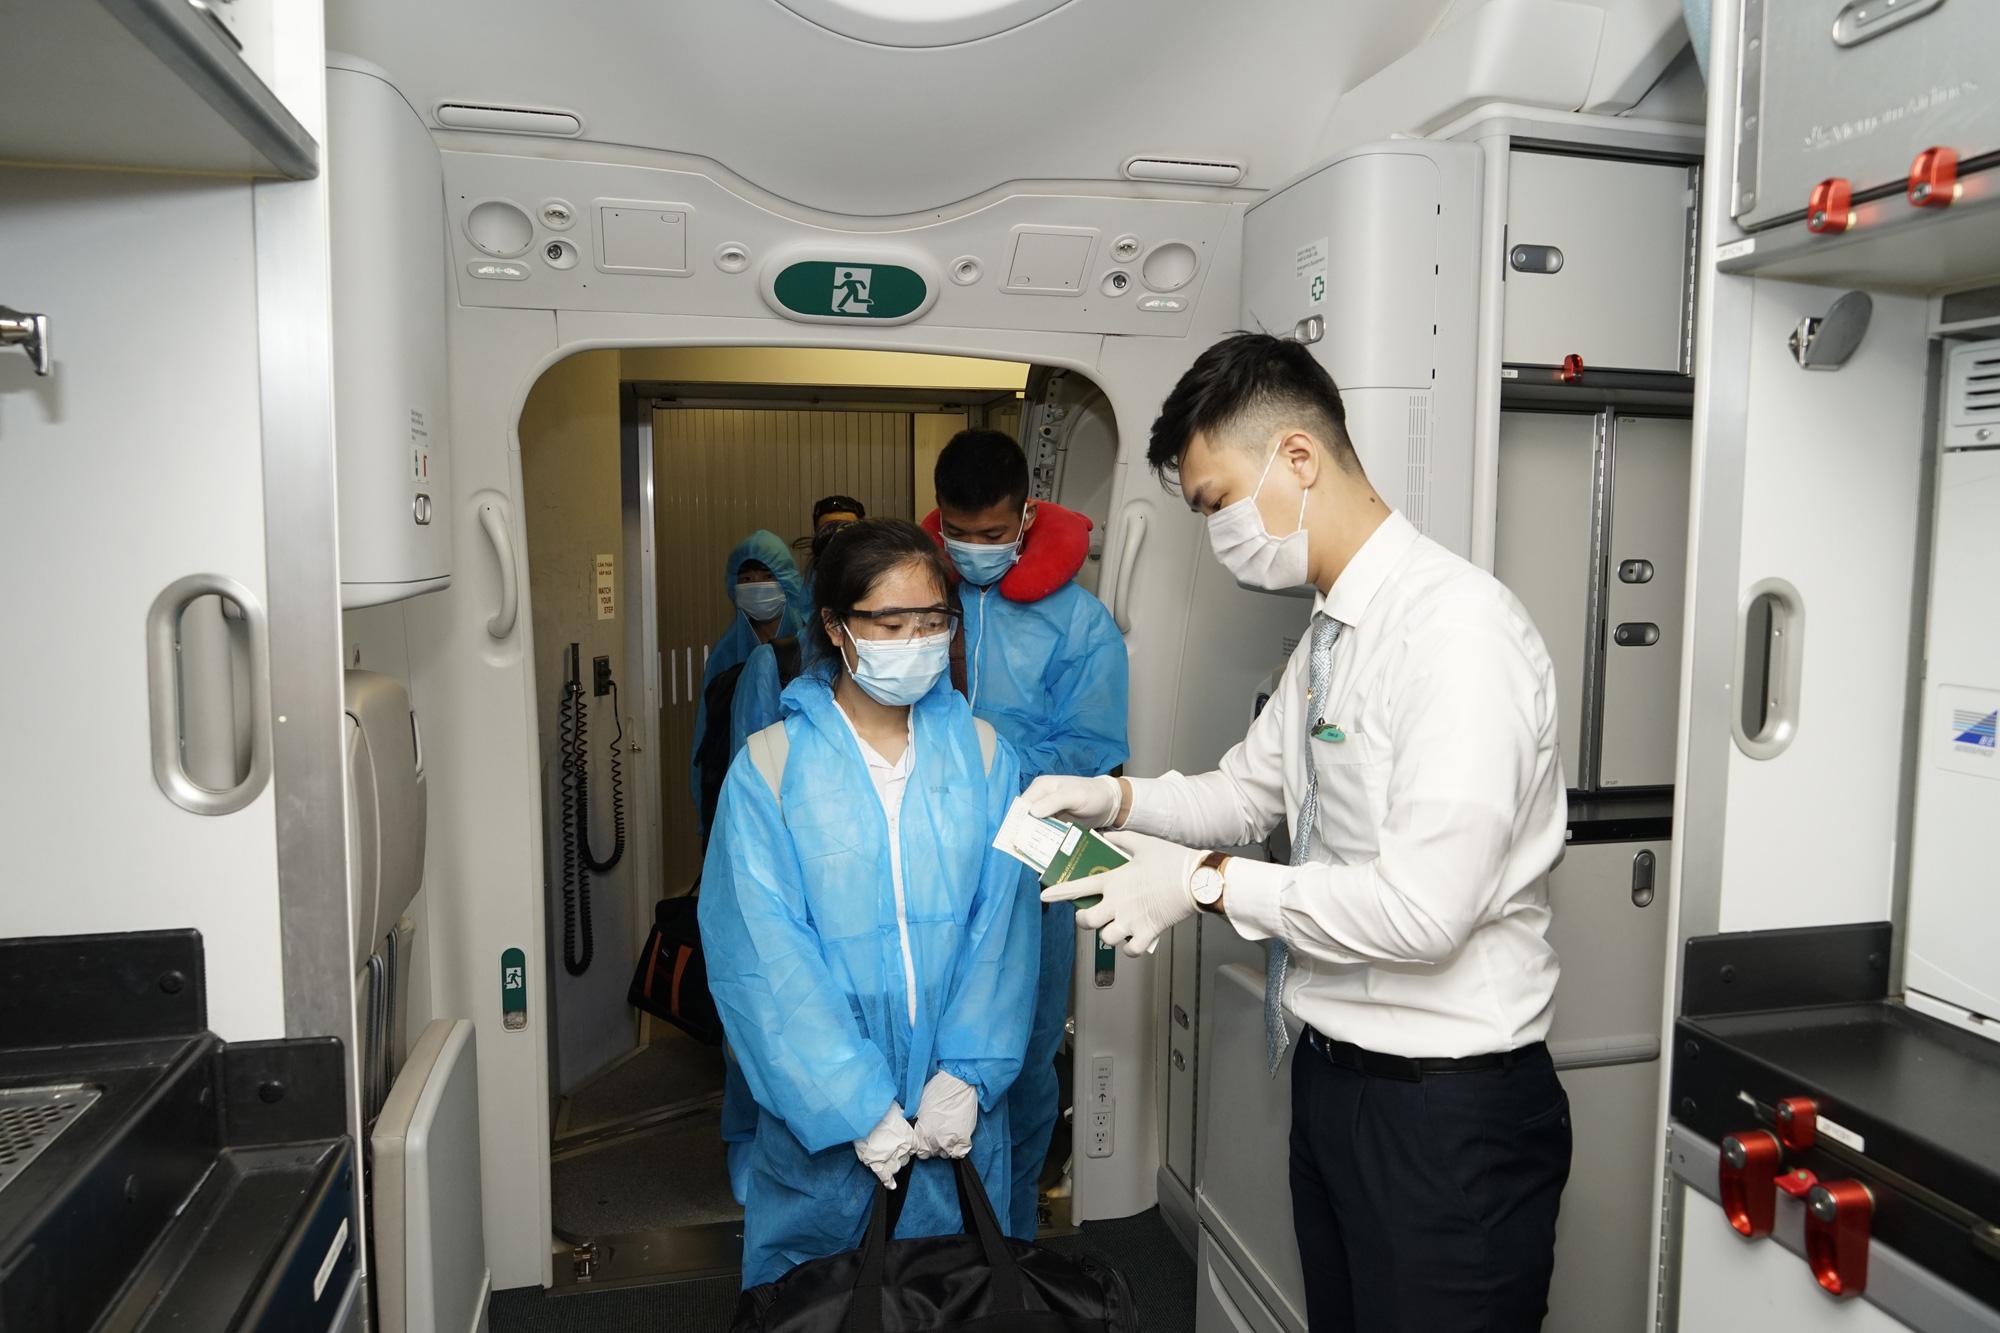 Tiếp viên Vietnam Airlines nhiễm Covid-19: Bộ GTVT nói gì? - Ảnh 1.